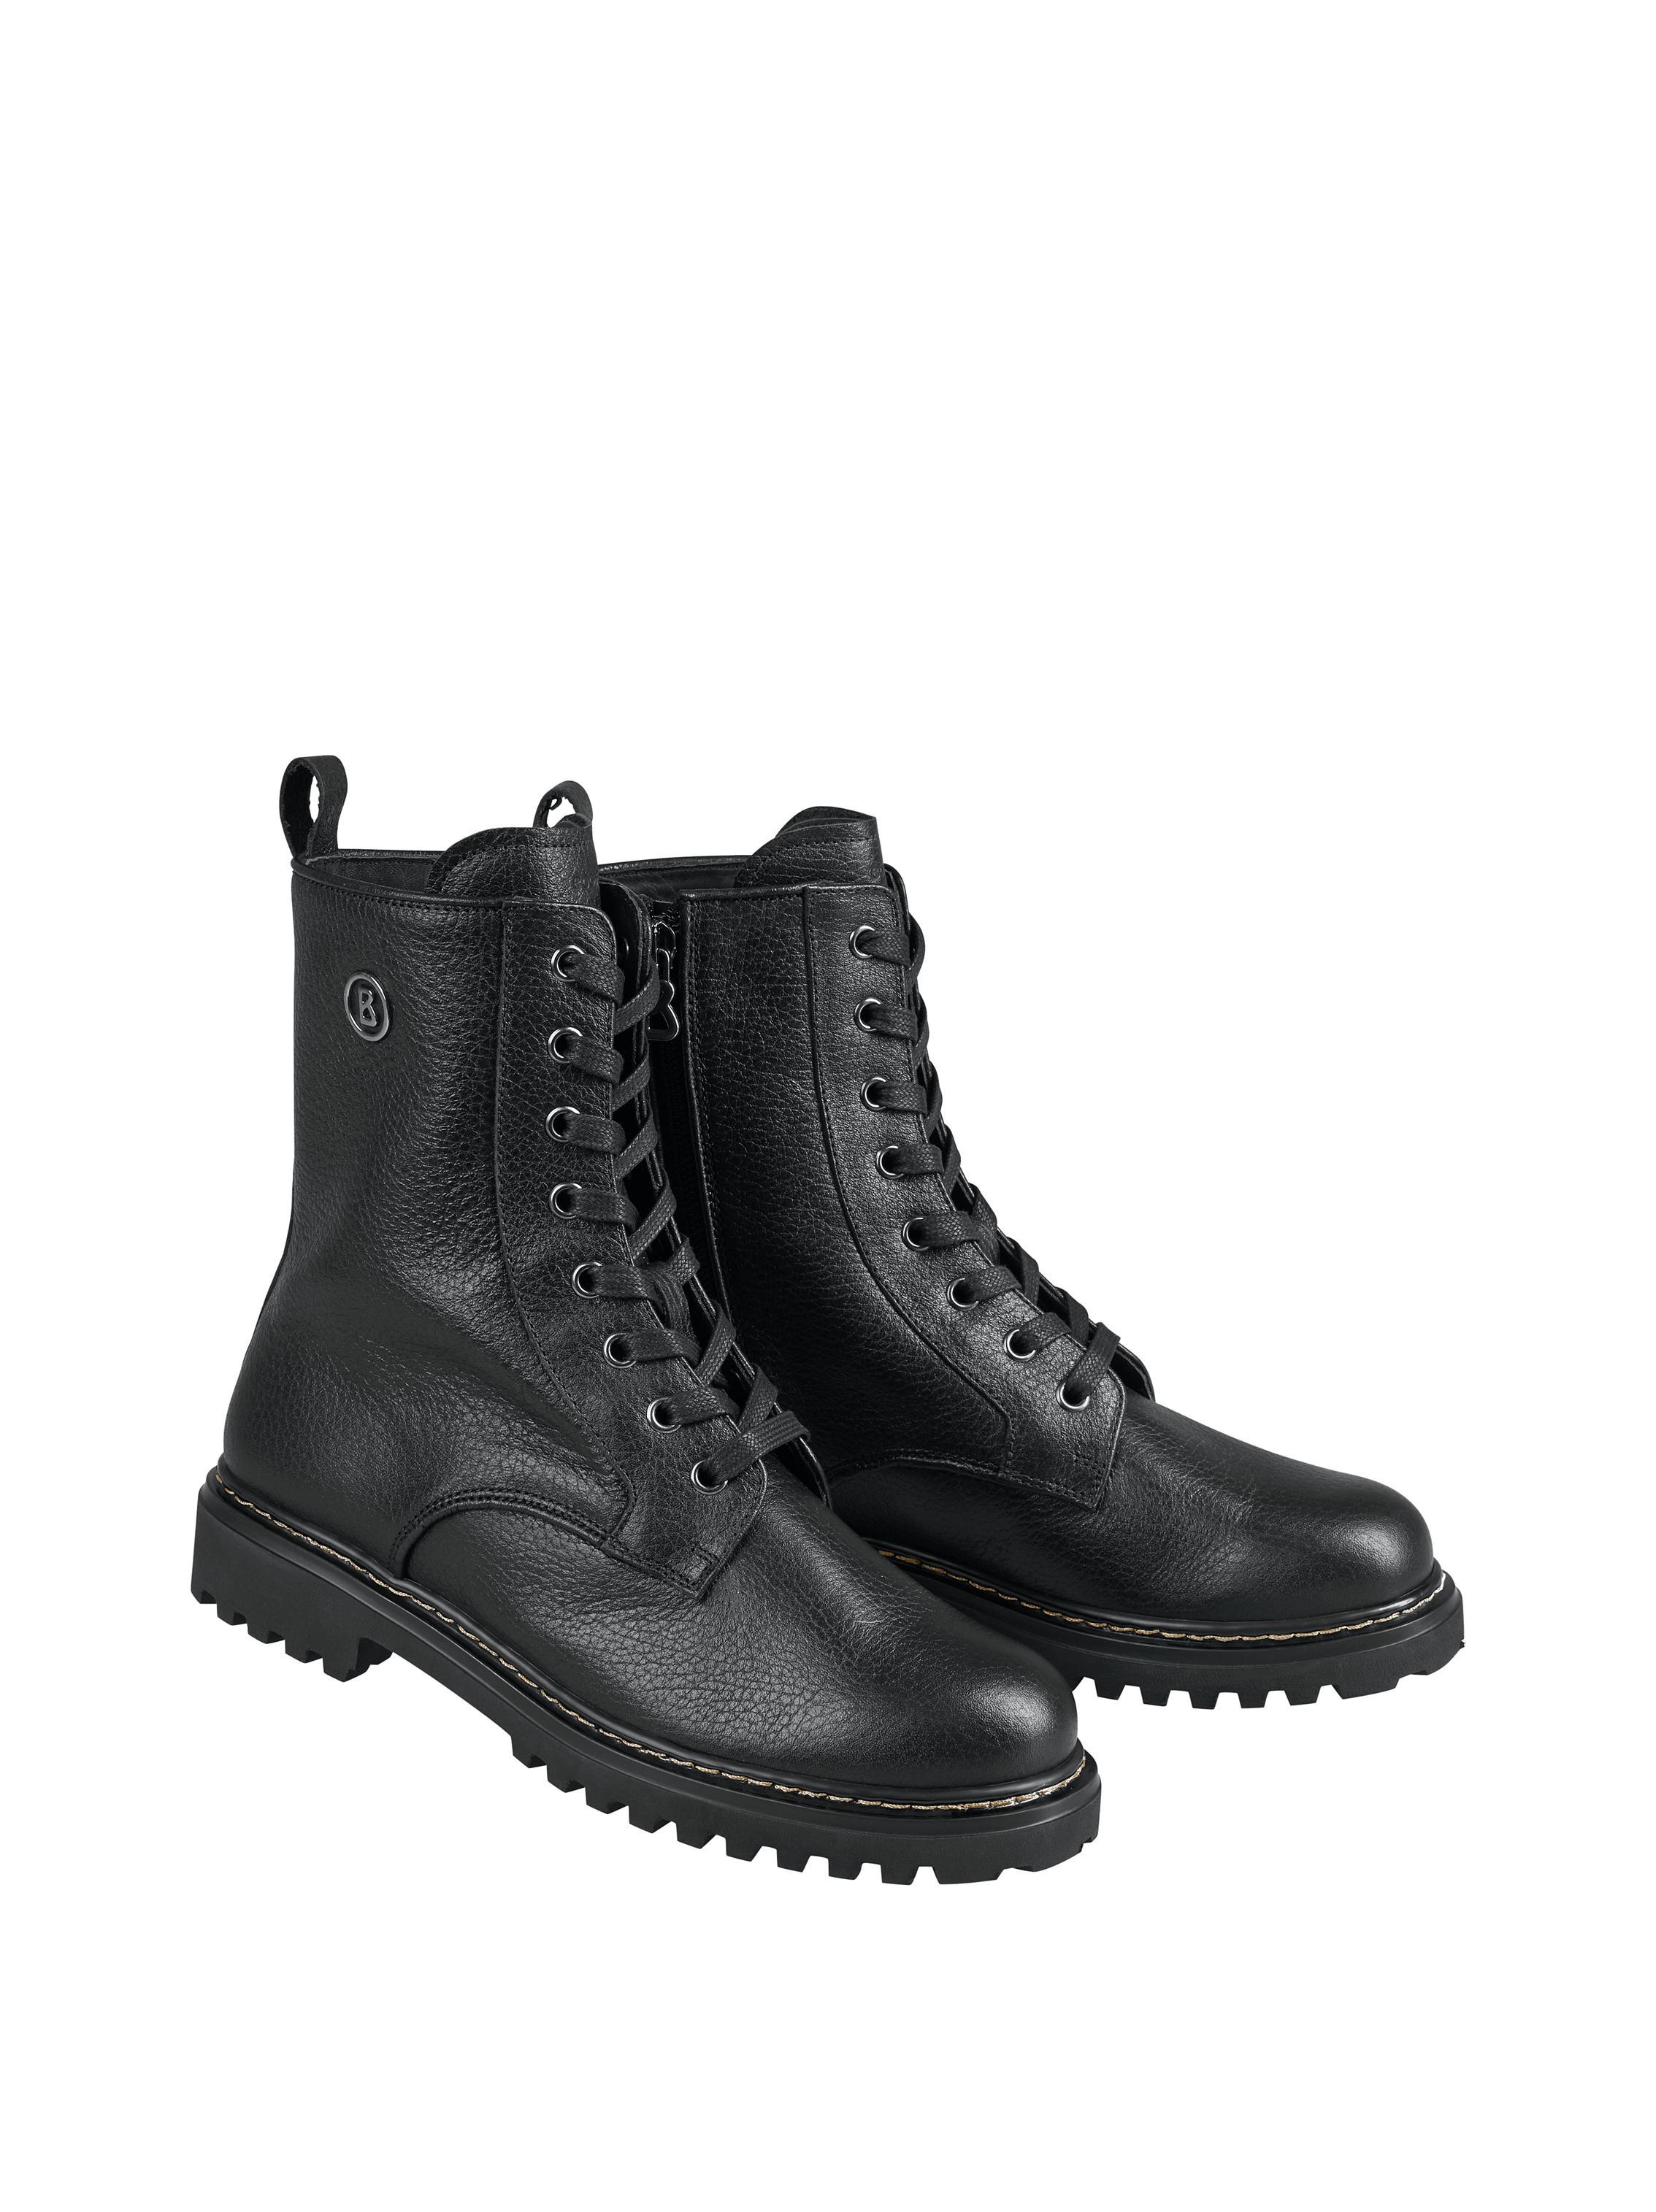 Skate-Schuhe professioneller Verkauf großer rabatt von 2019 Boots New Meribel Ii B